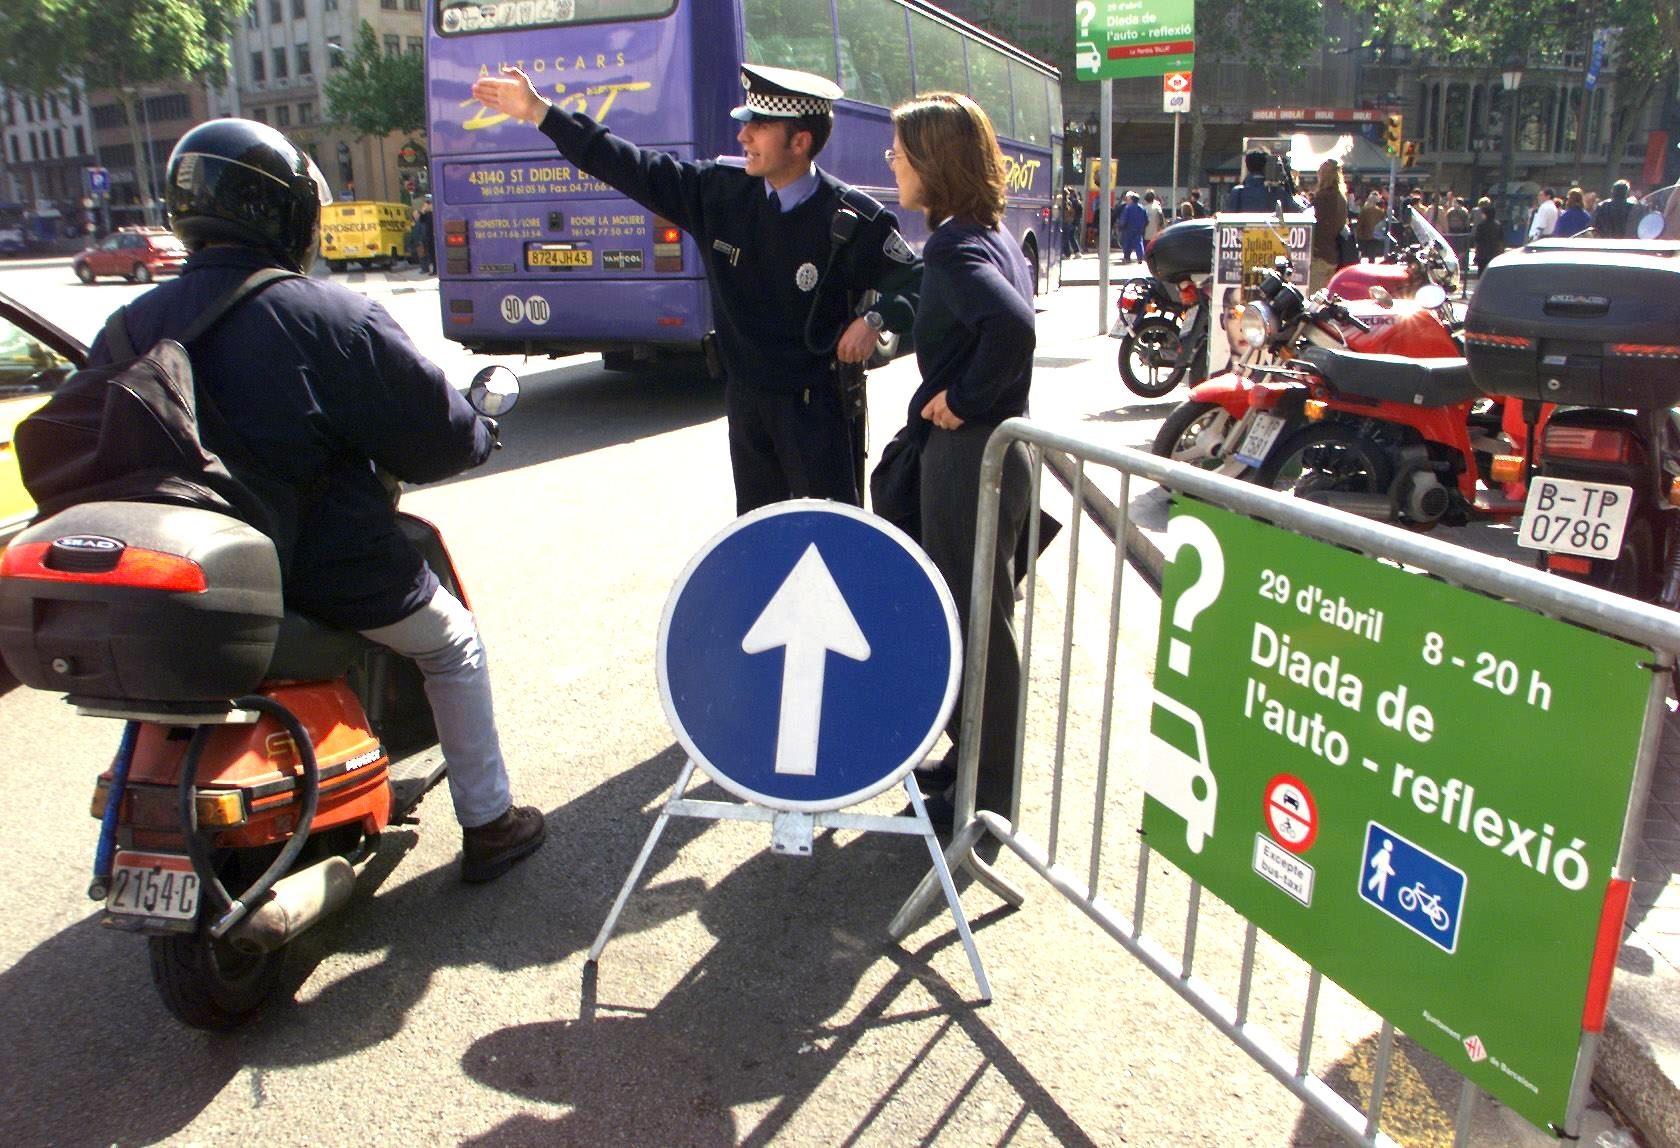 Policial proíbe a entrada de uma moto no centro de Barcelona no dia mundial sem carro. Foto Eric Cabanis/AFP